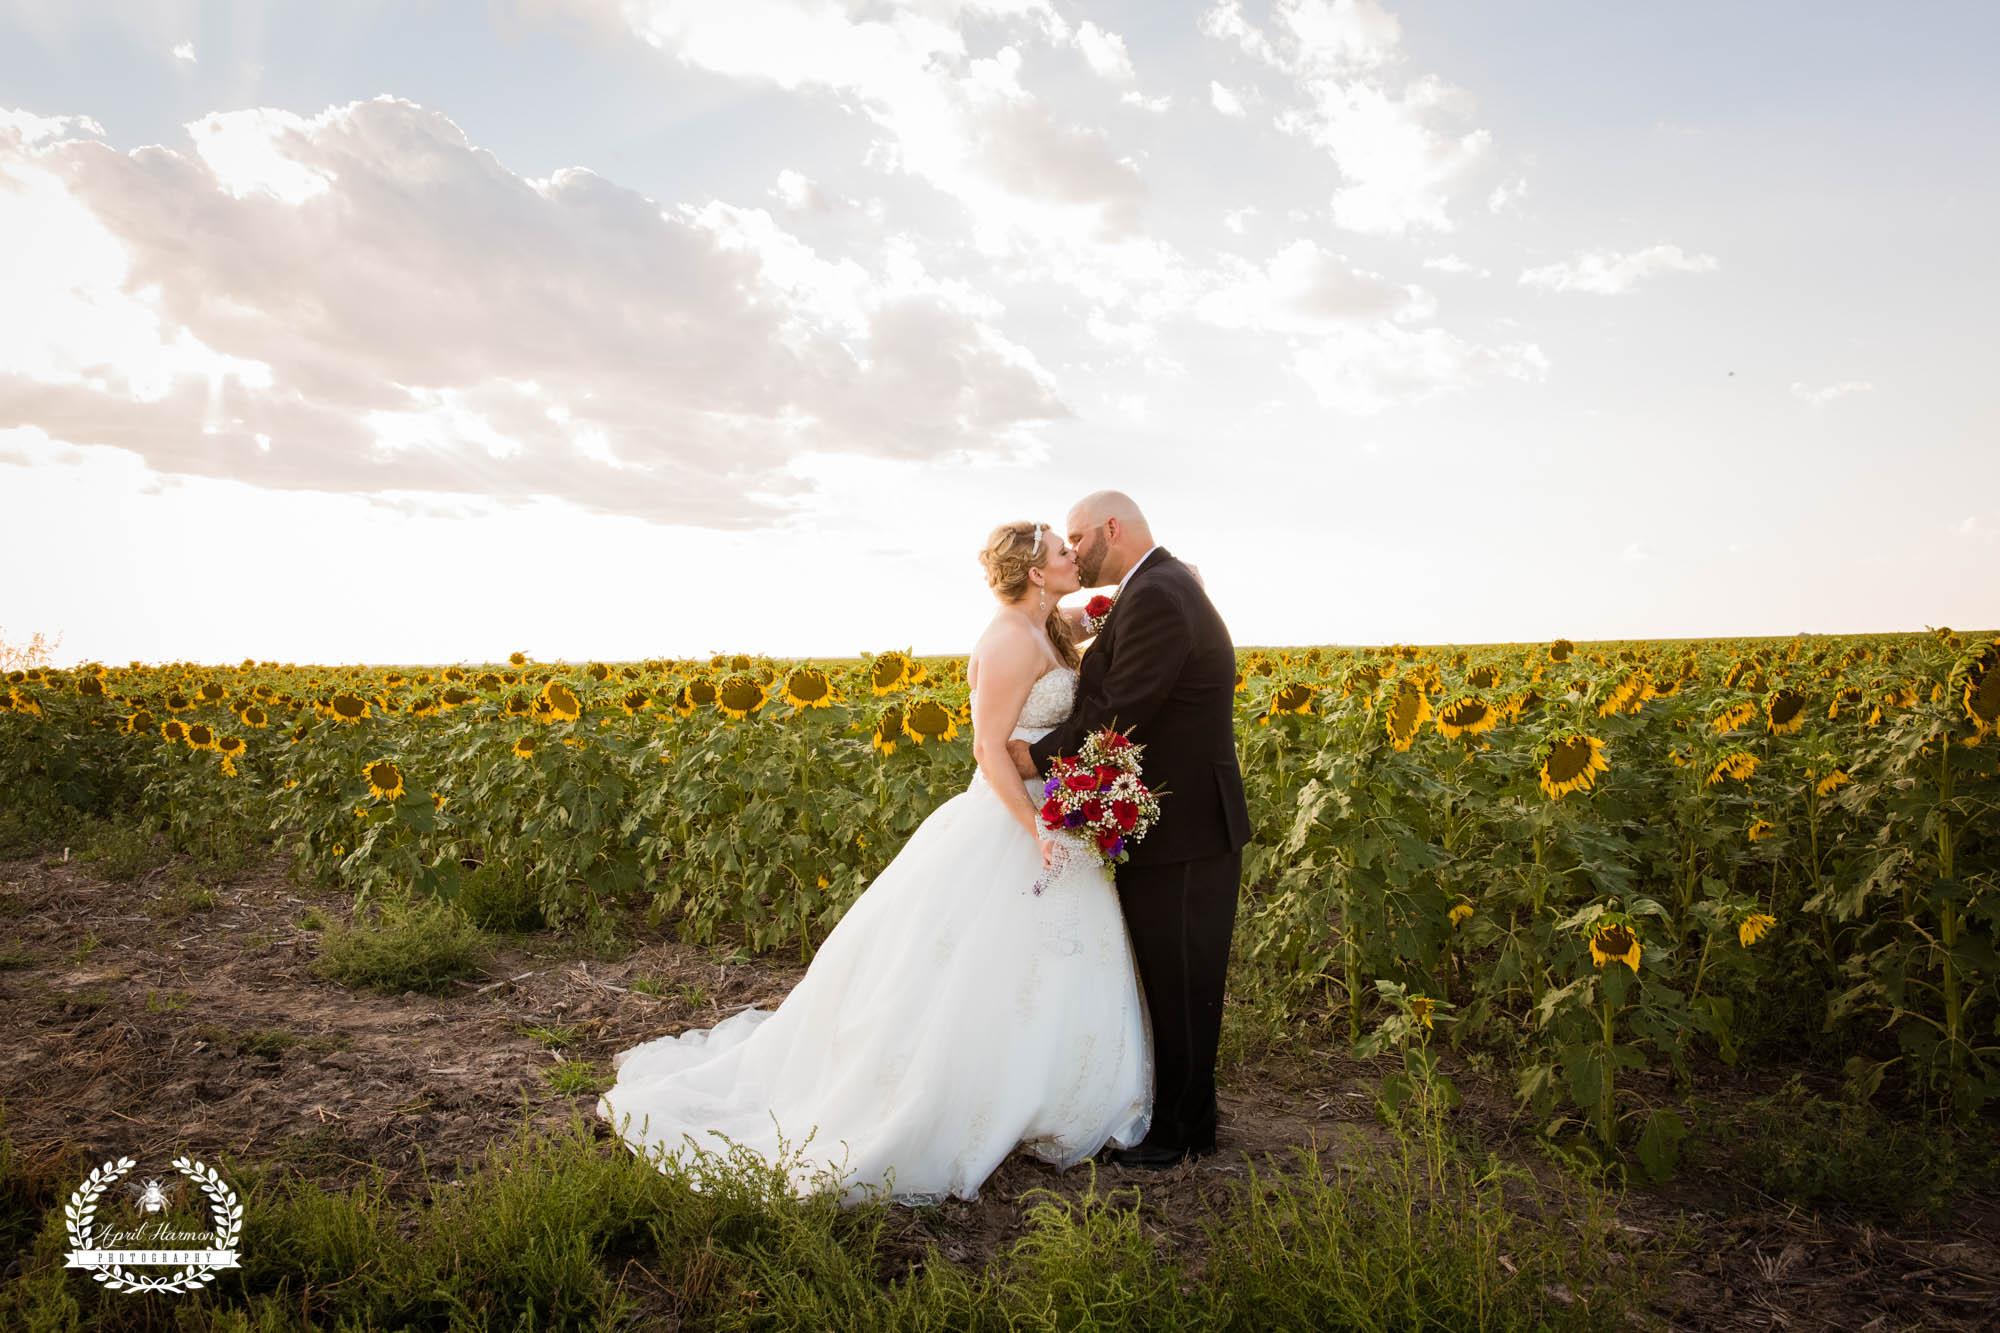 southwest-kansas-wedding-photography100-2.jpg